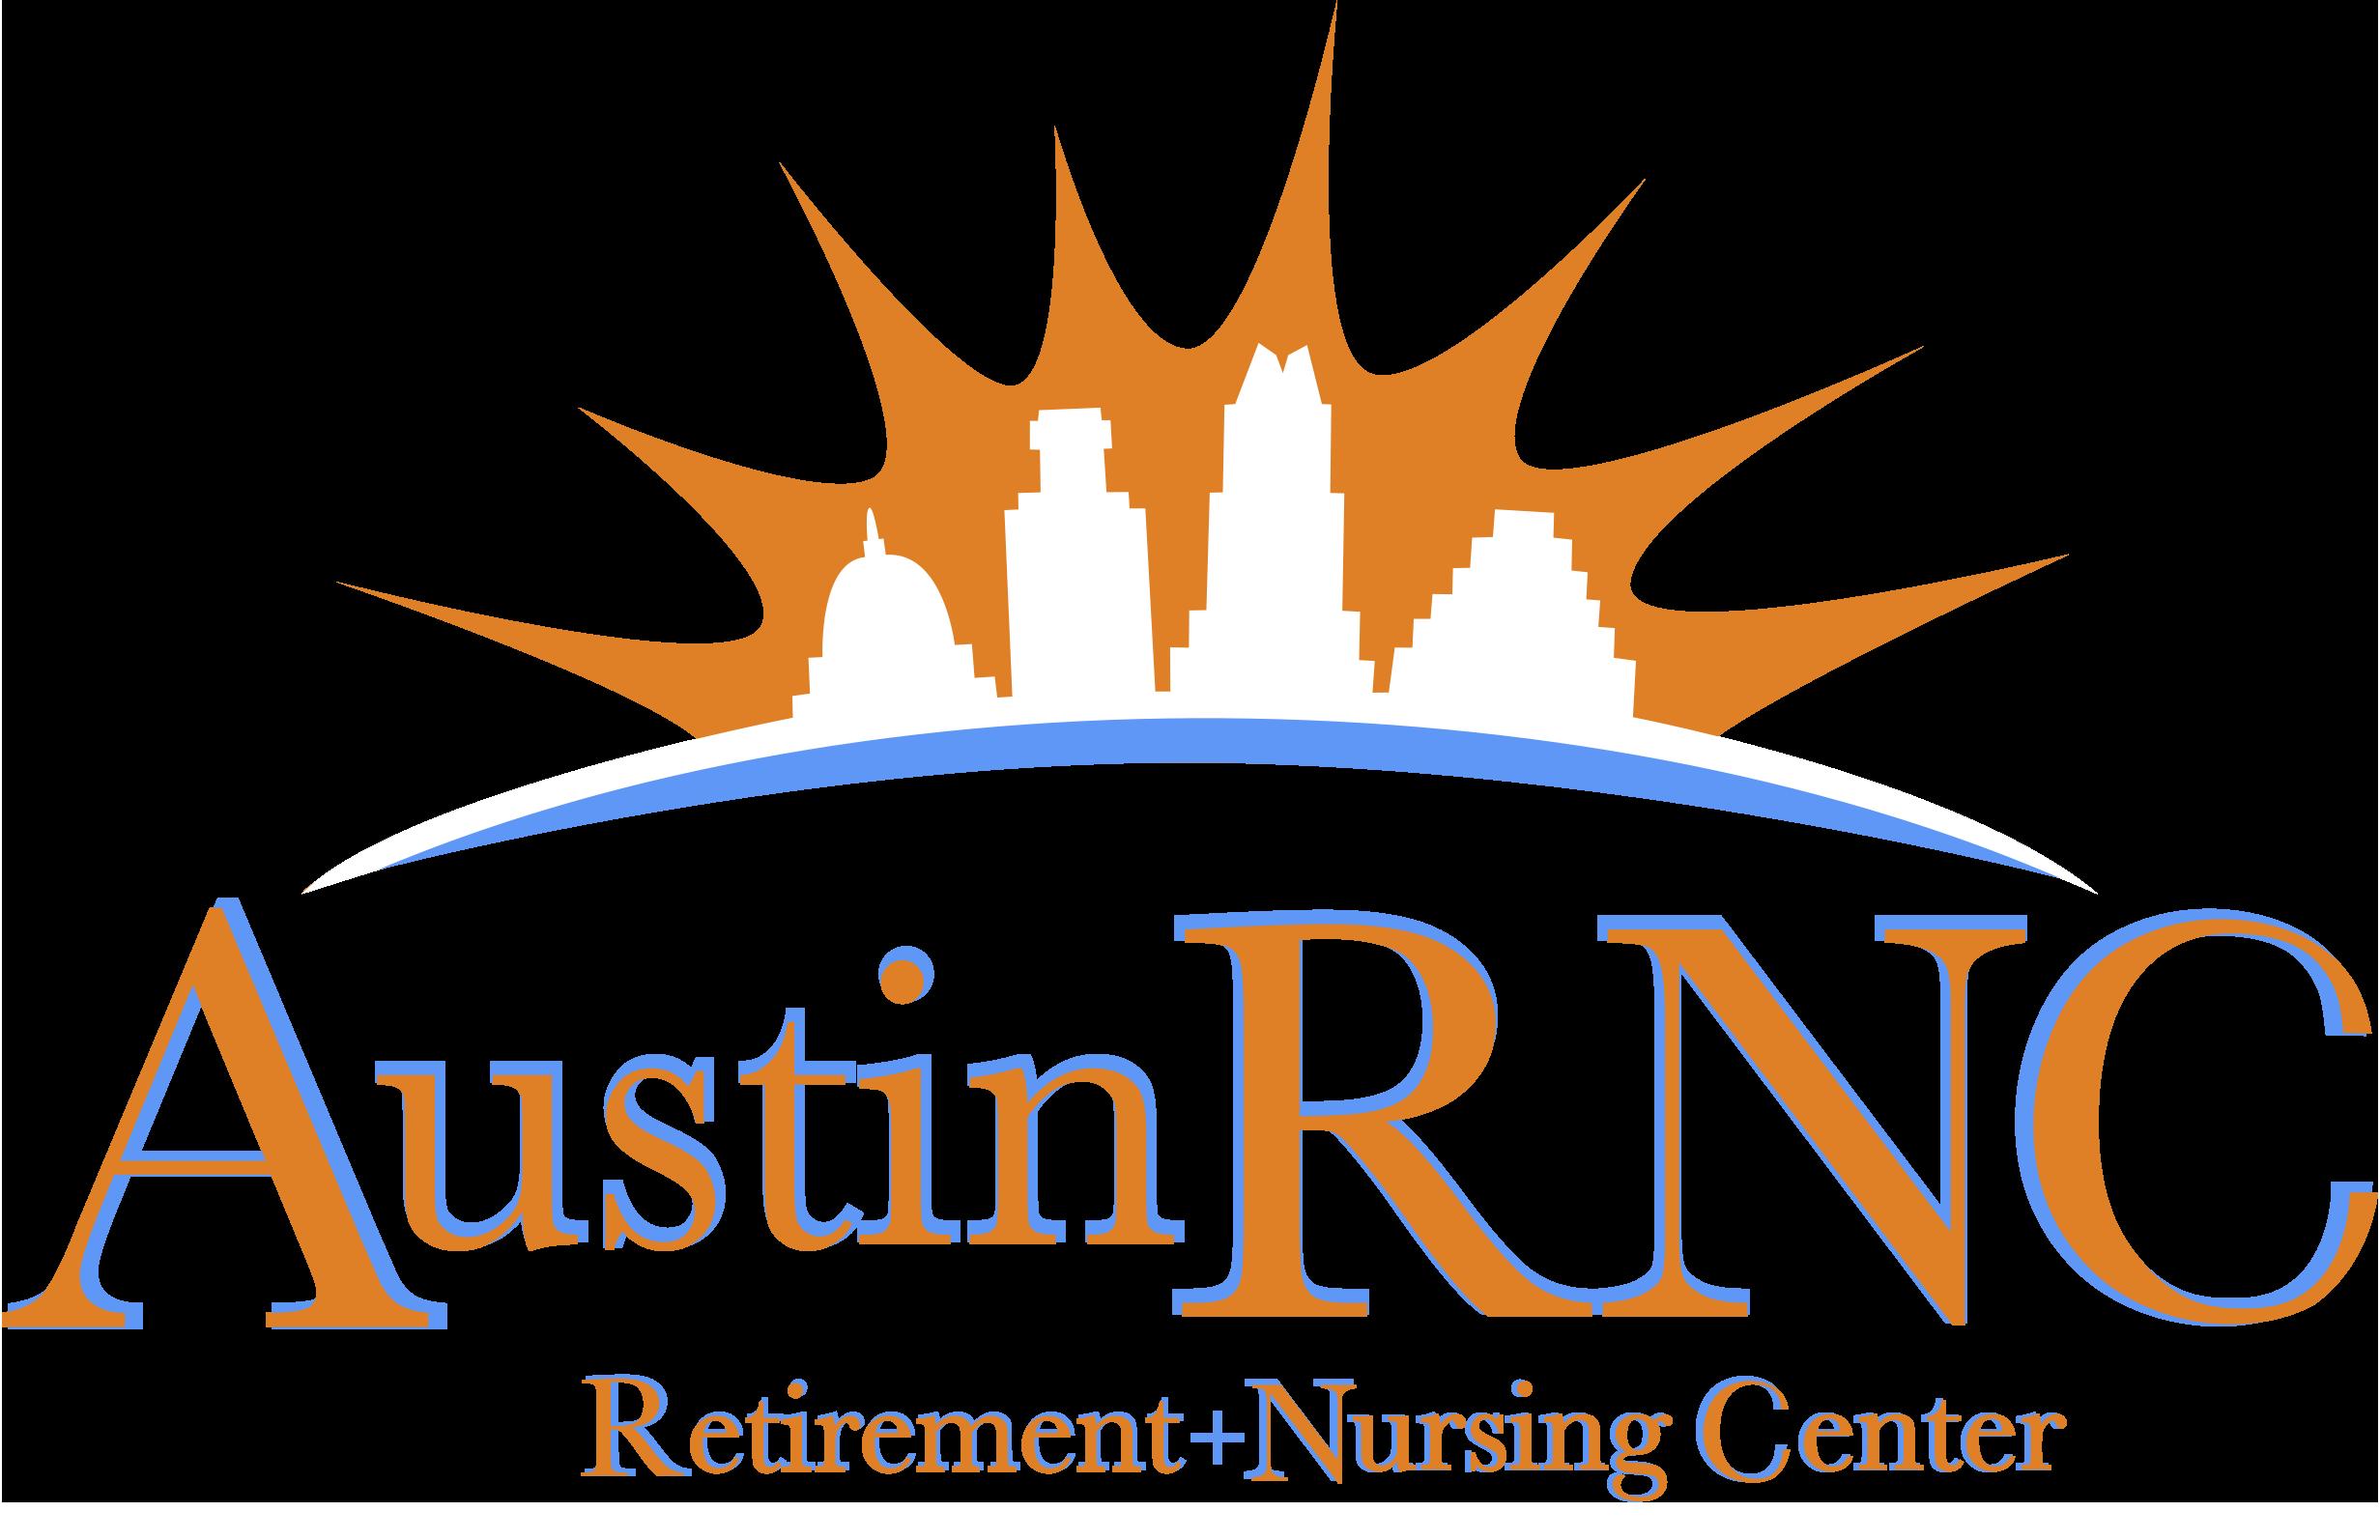 Austin Retirement & Nursing Center